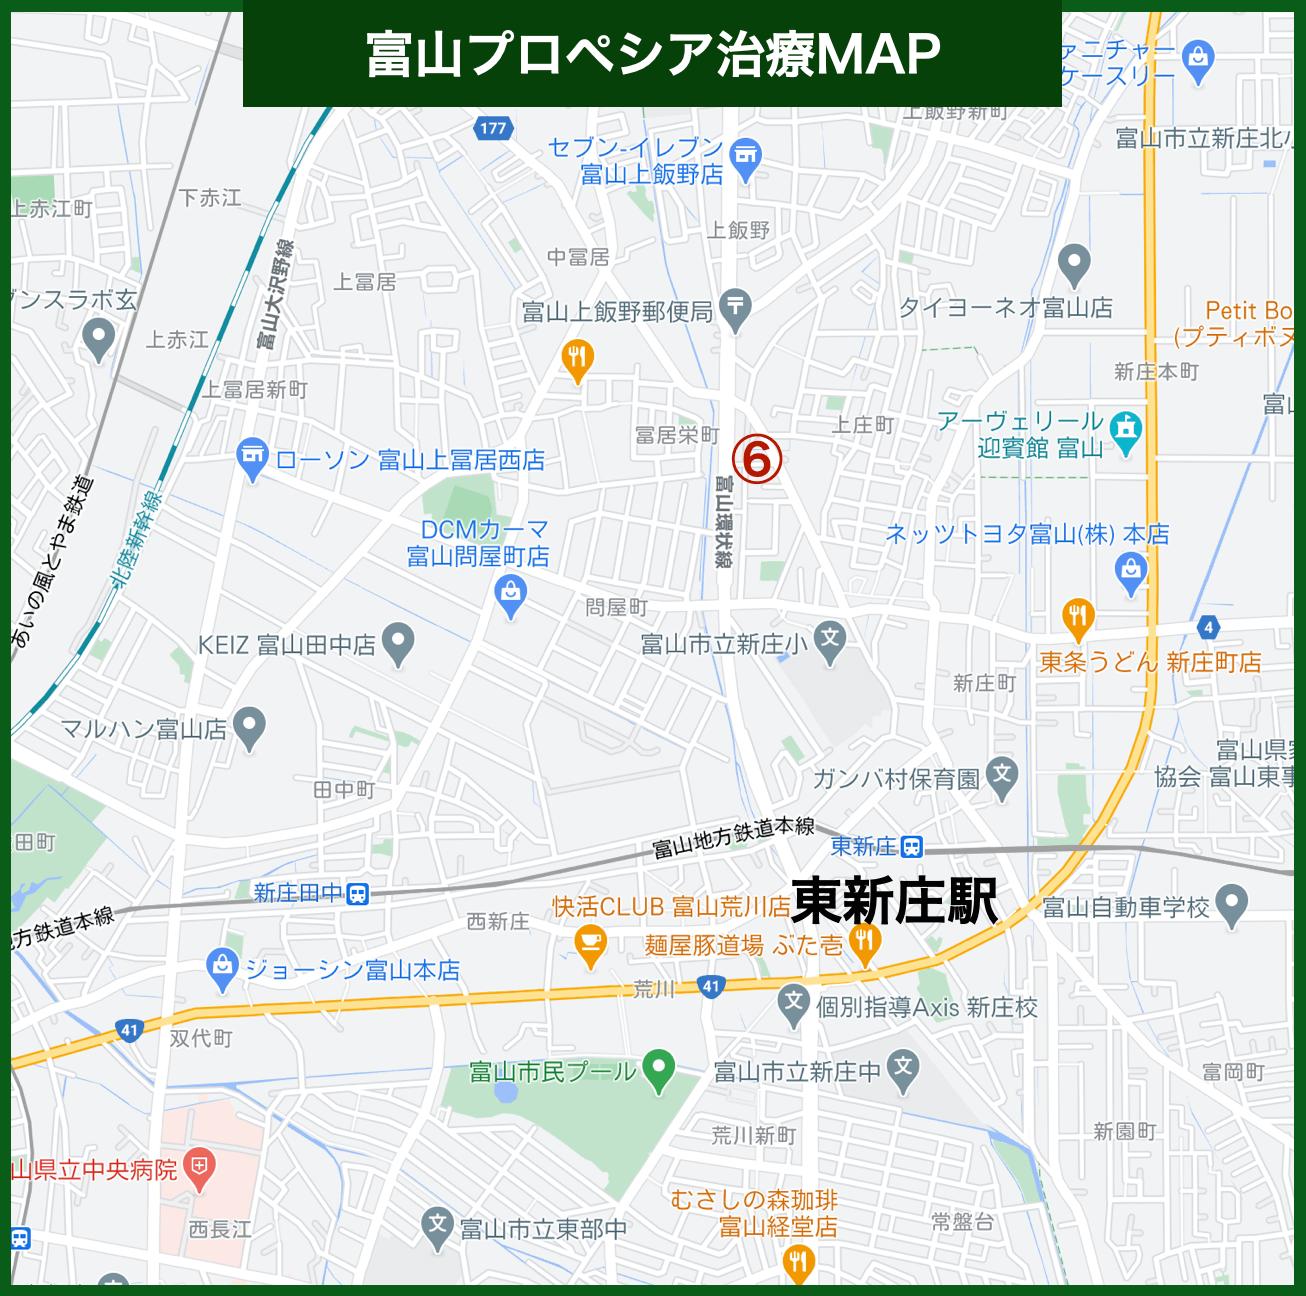 富山プロペシア治療MAP